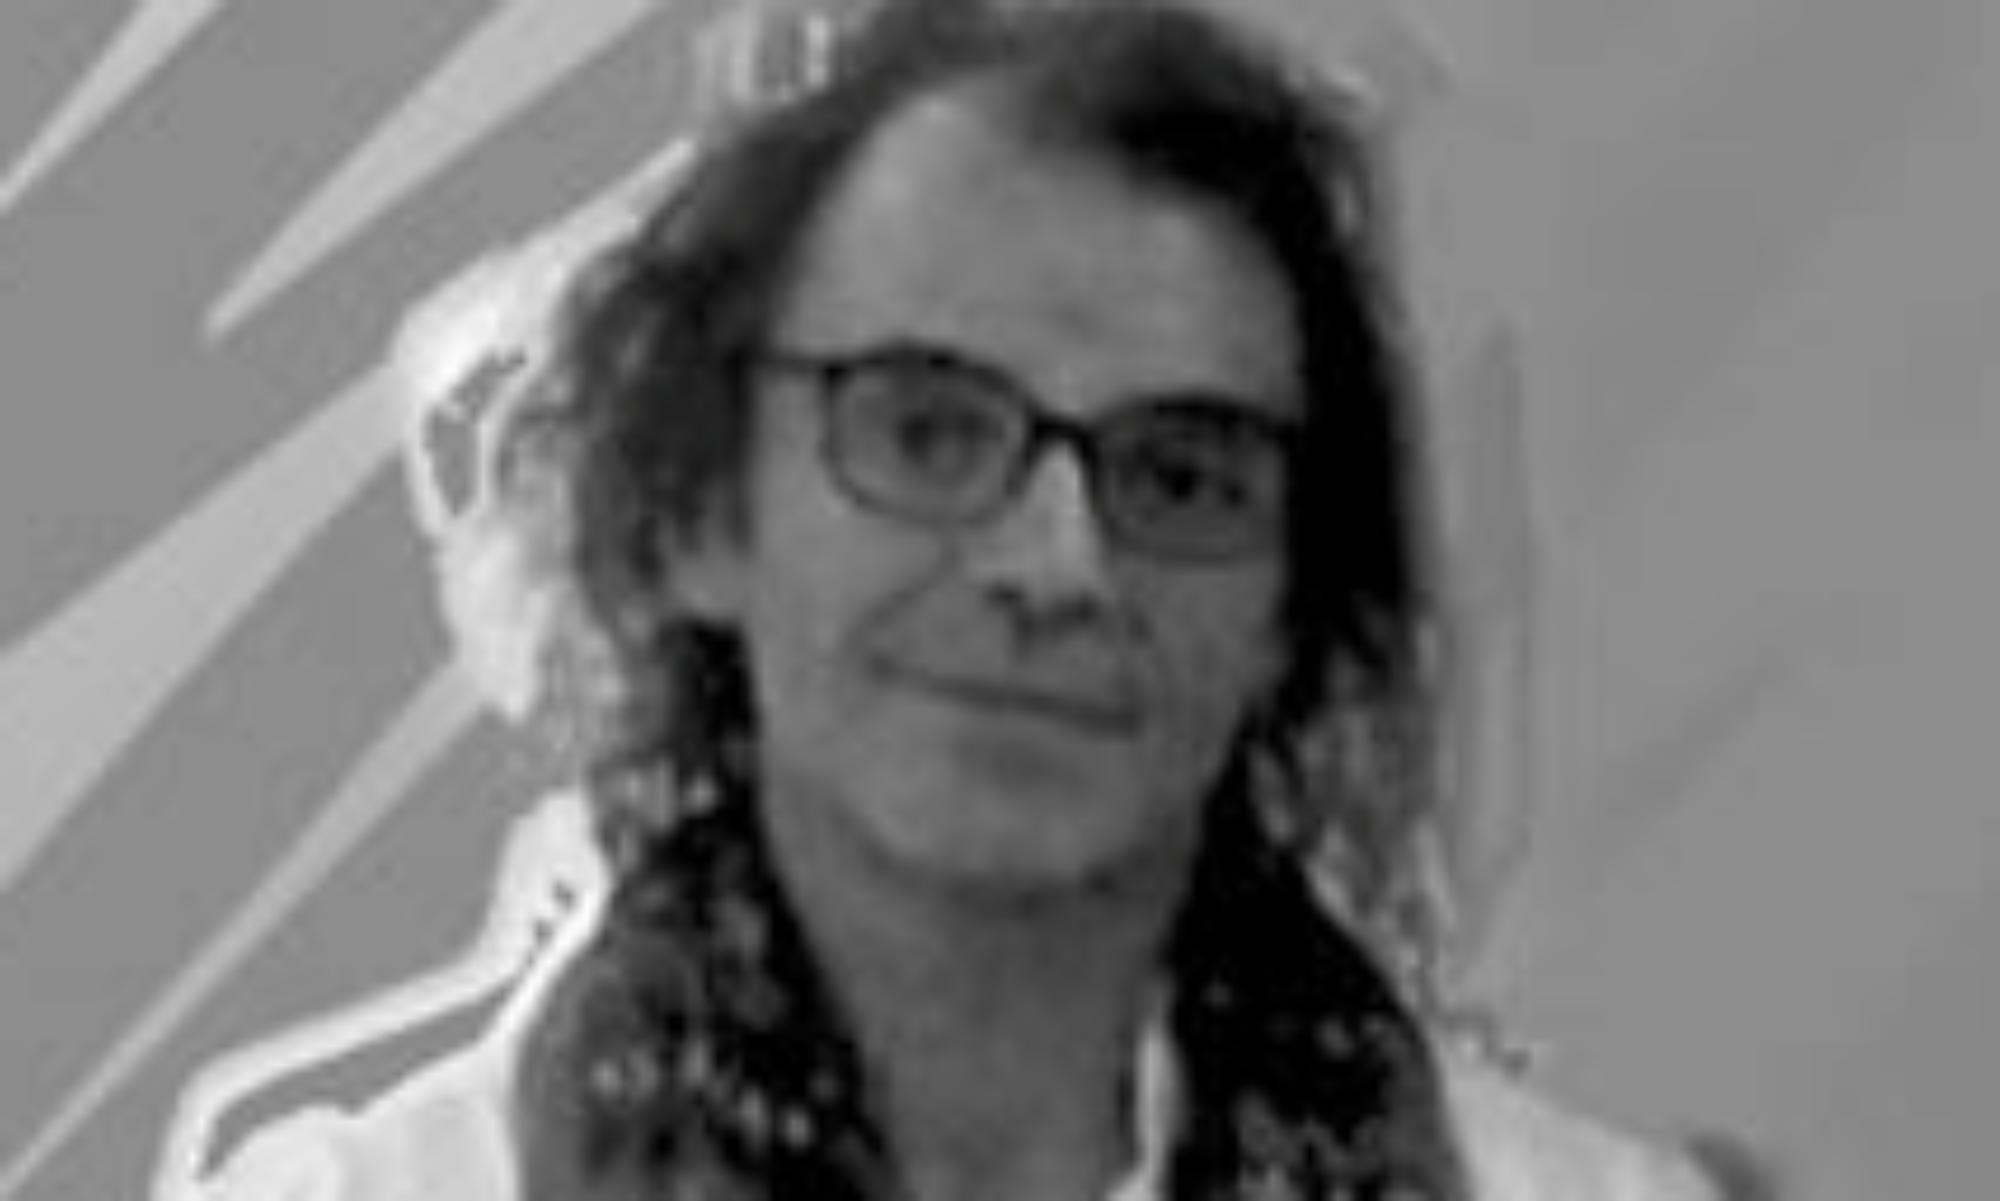 Fernando Antonio dos Santos